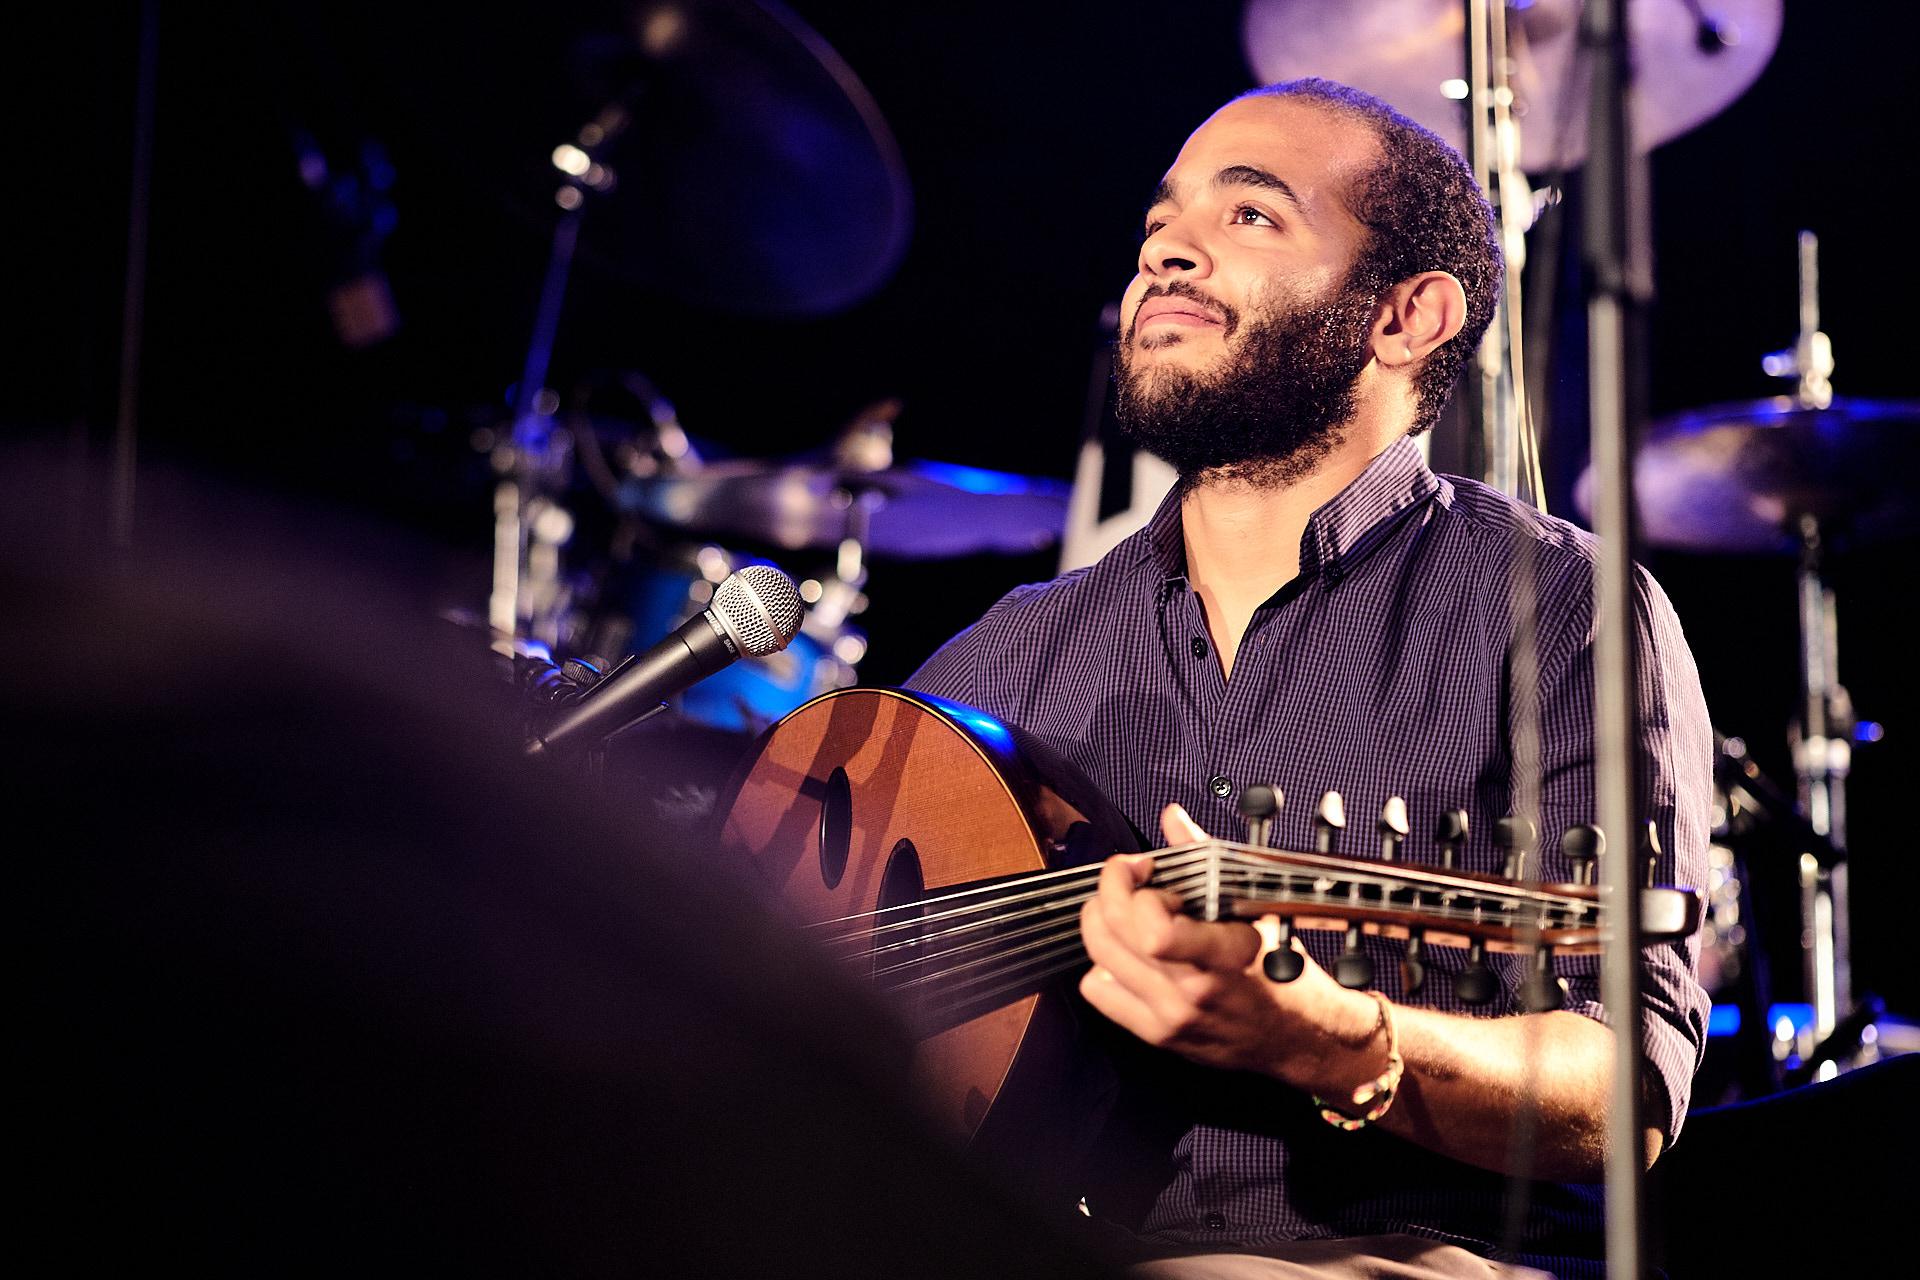 Karkadé - Mohamed Abozerky